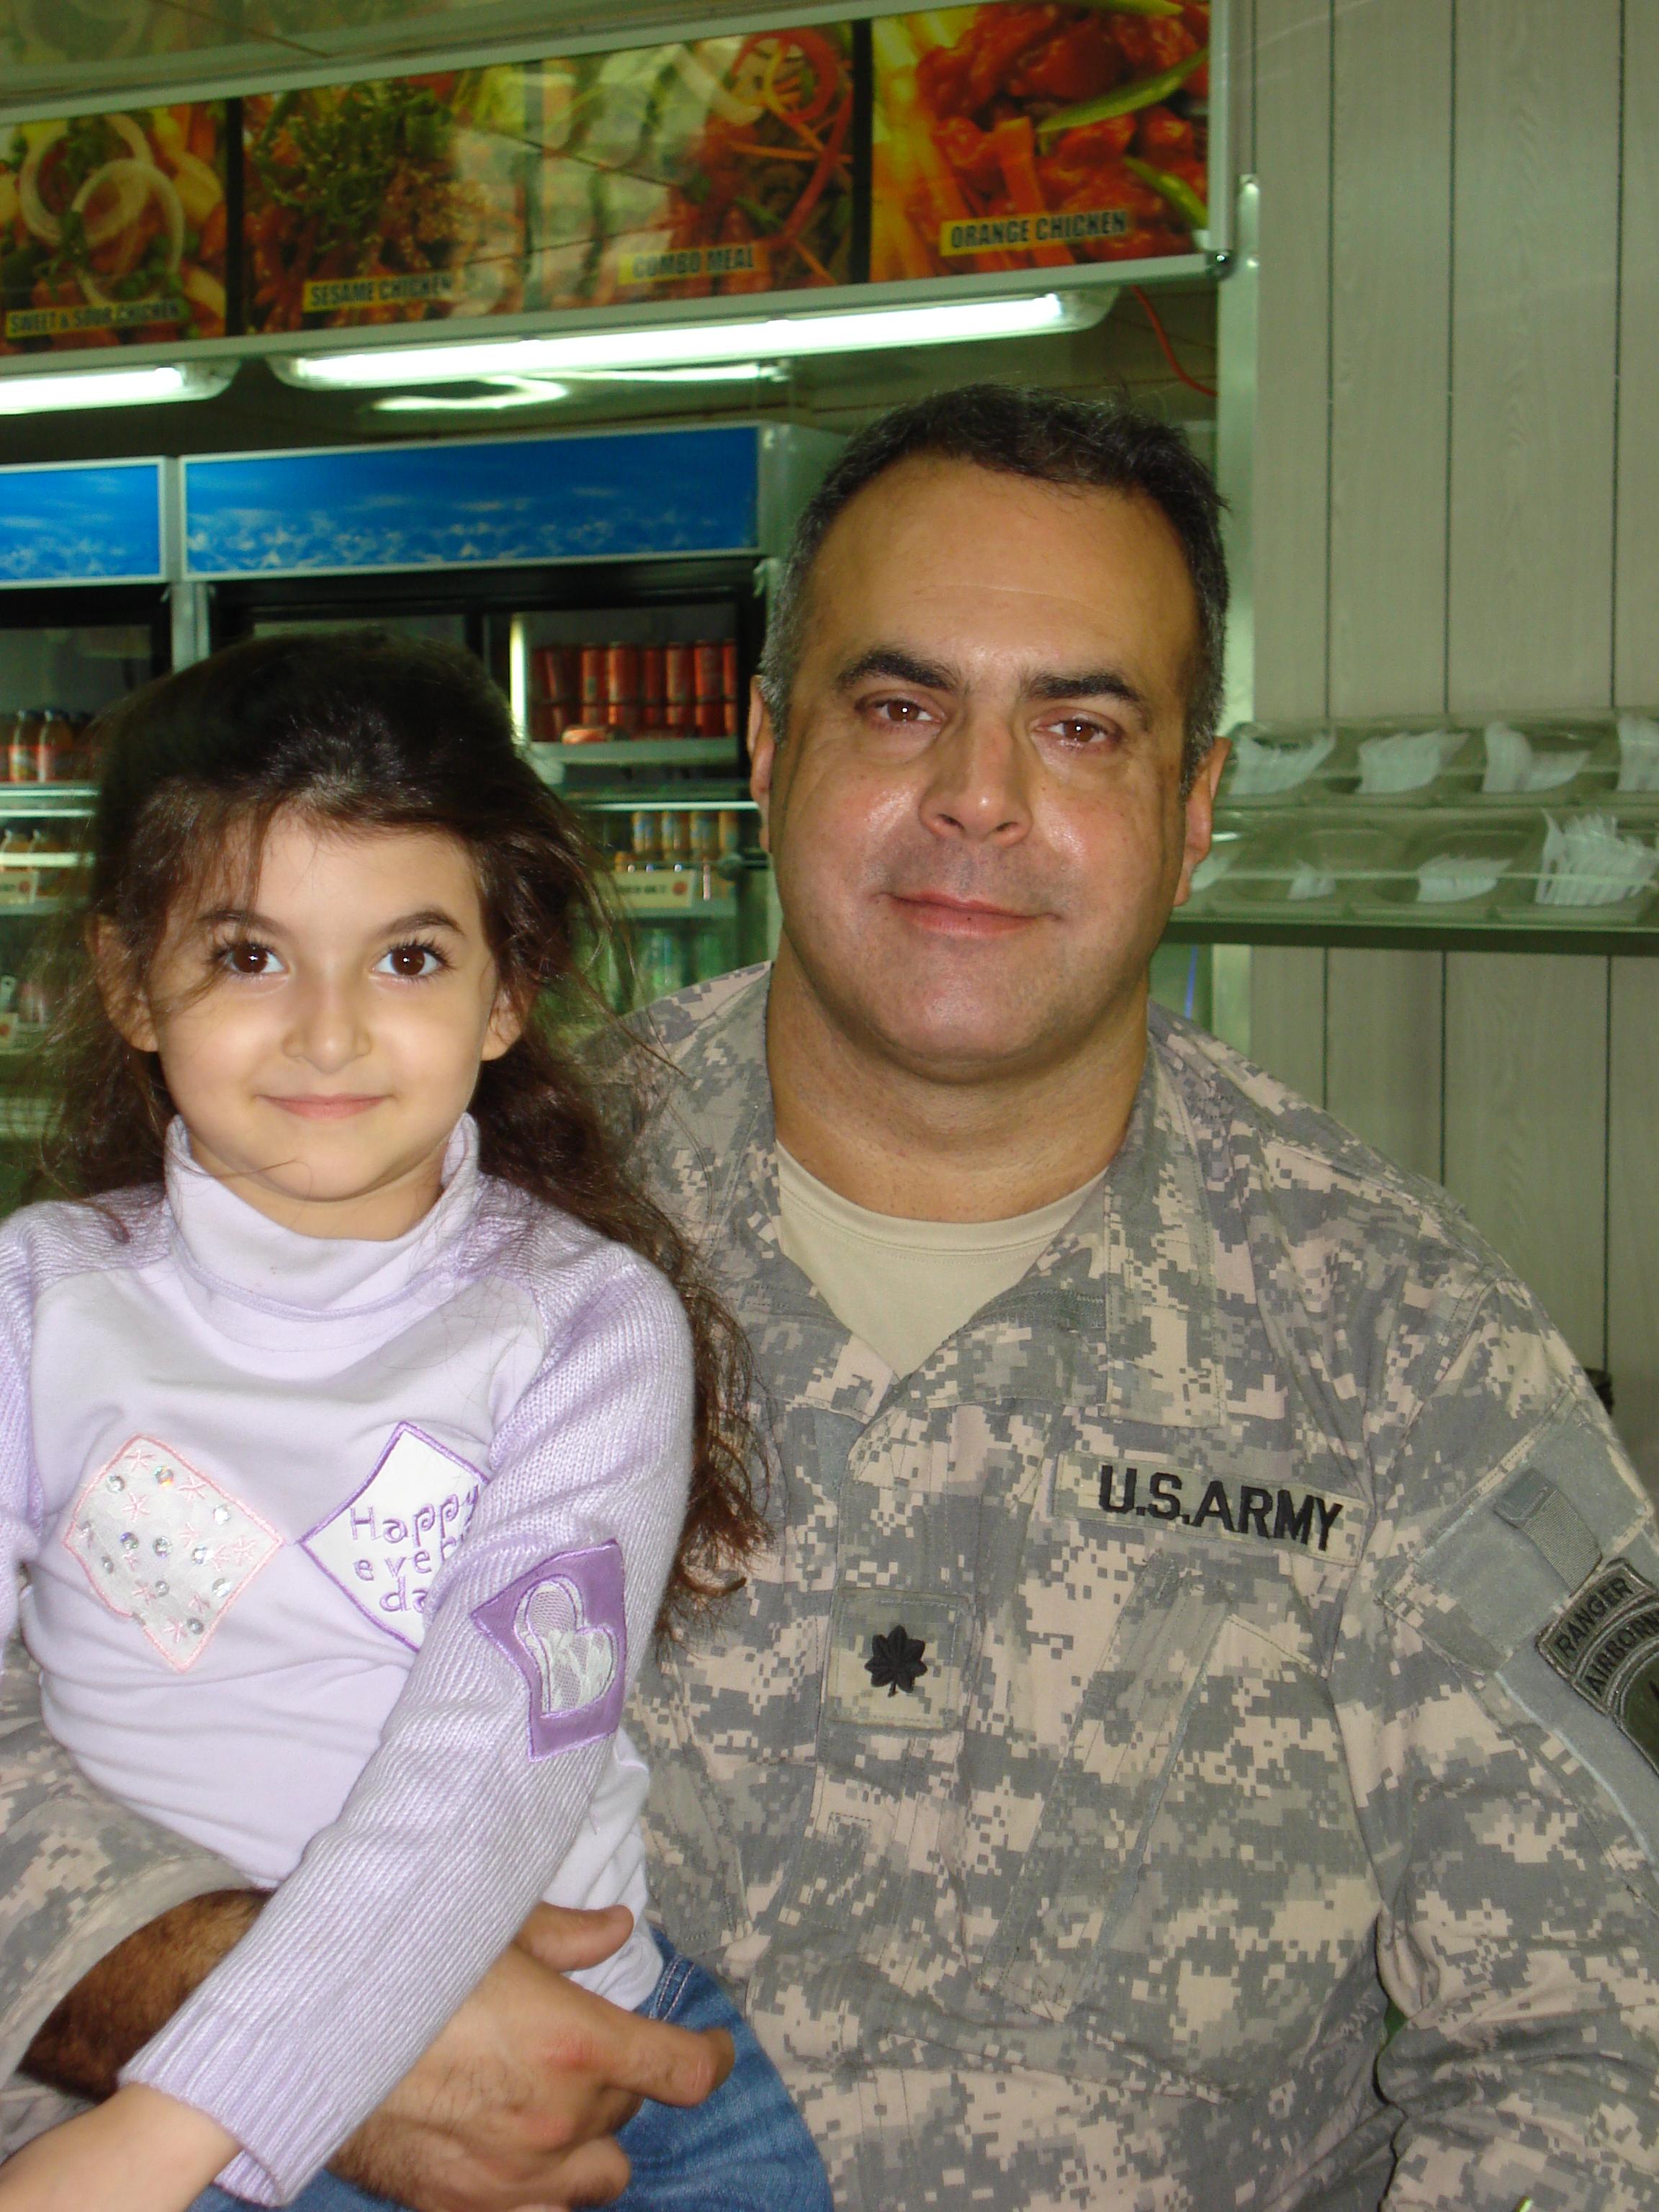 sarah_kuwait_2008.jpg